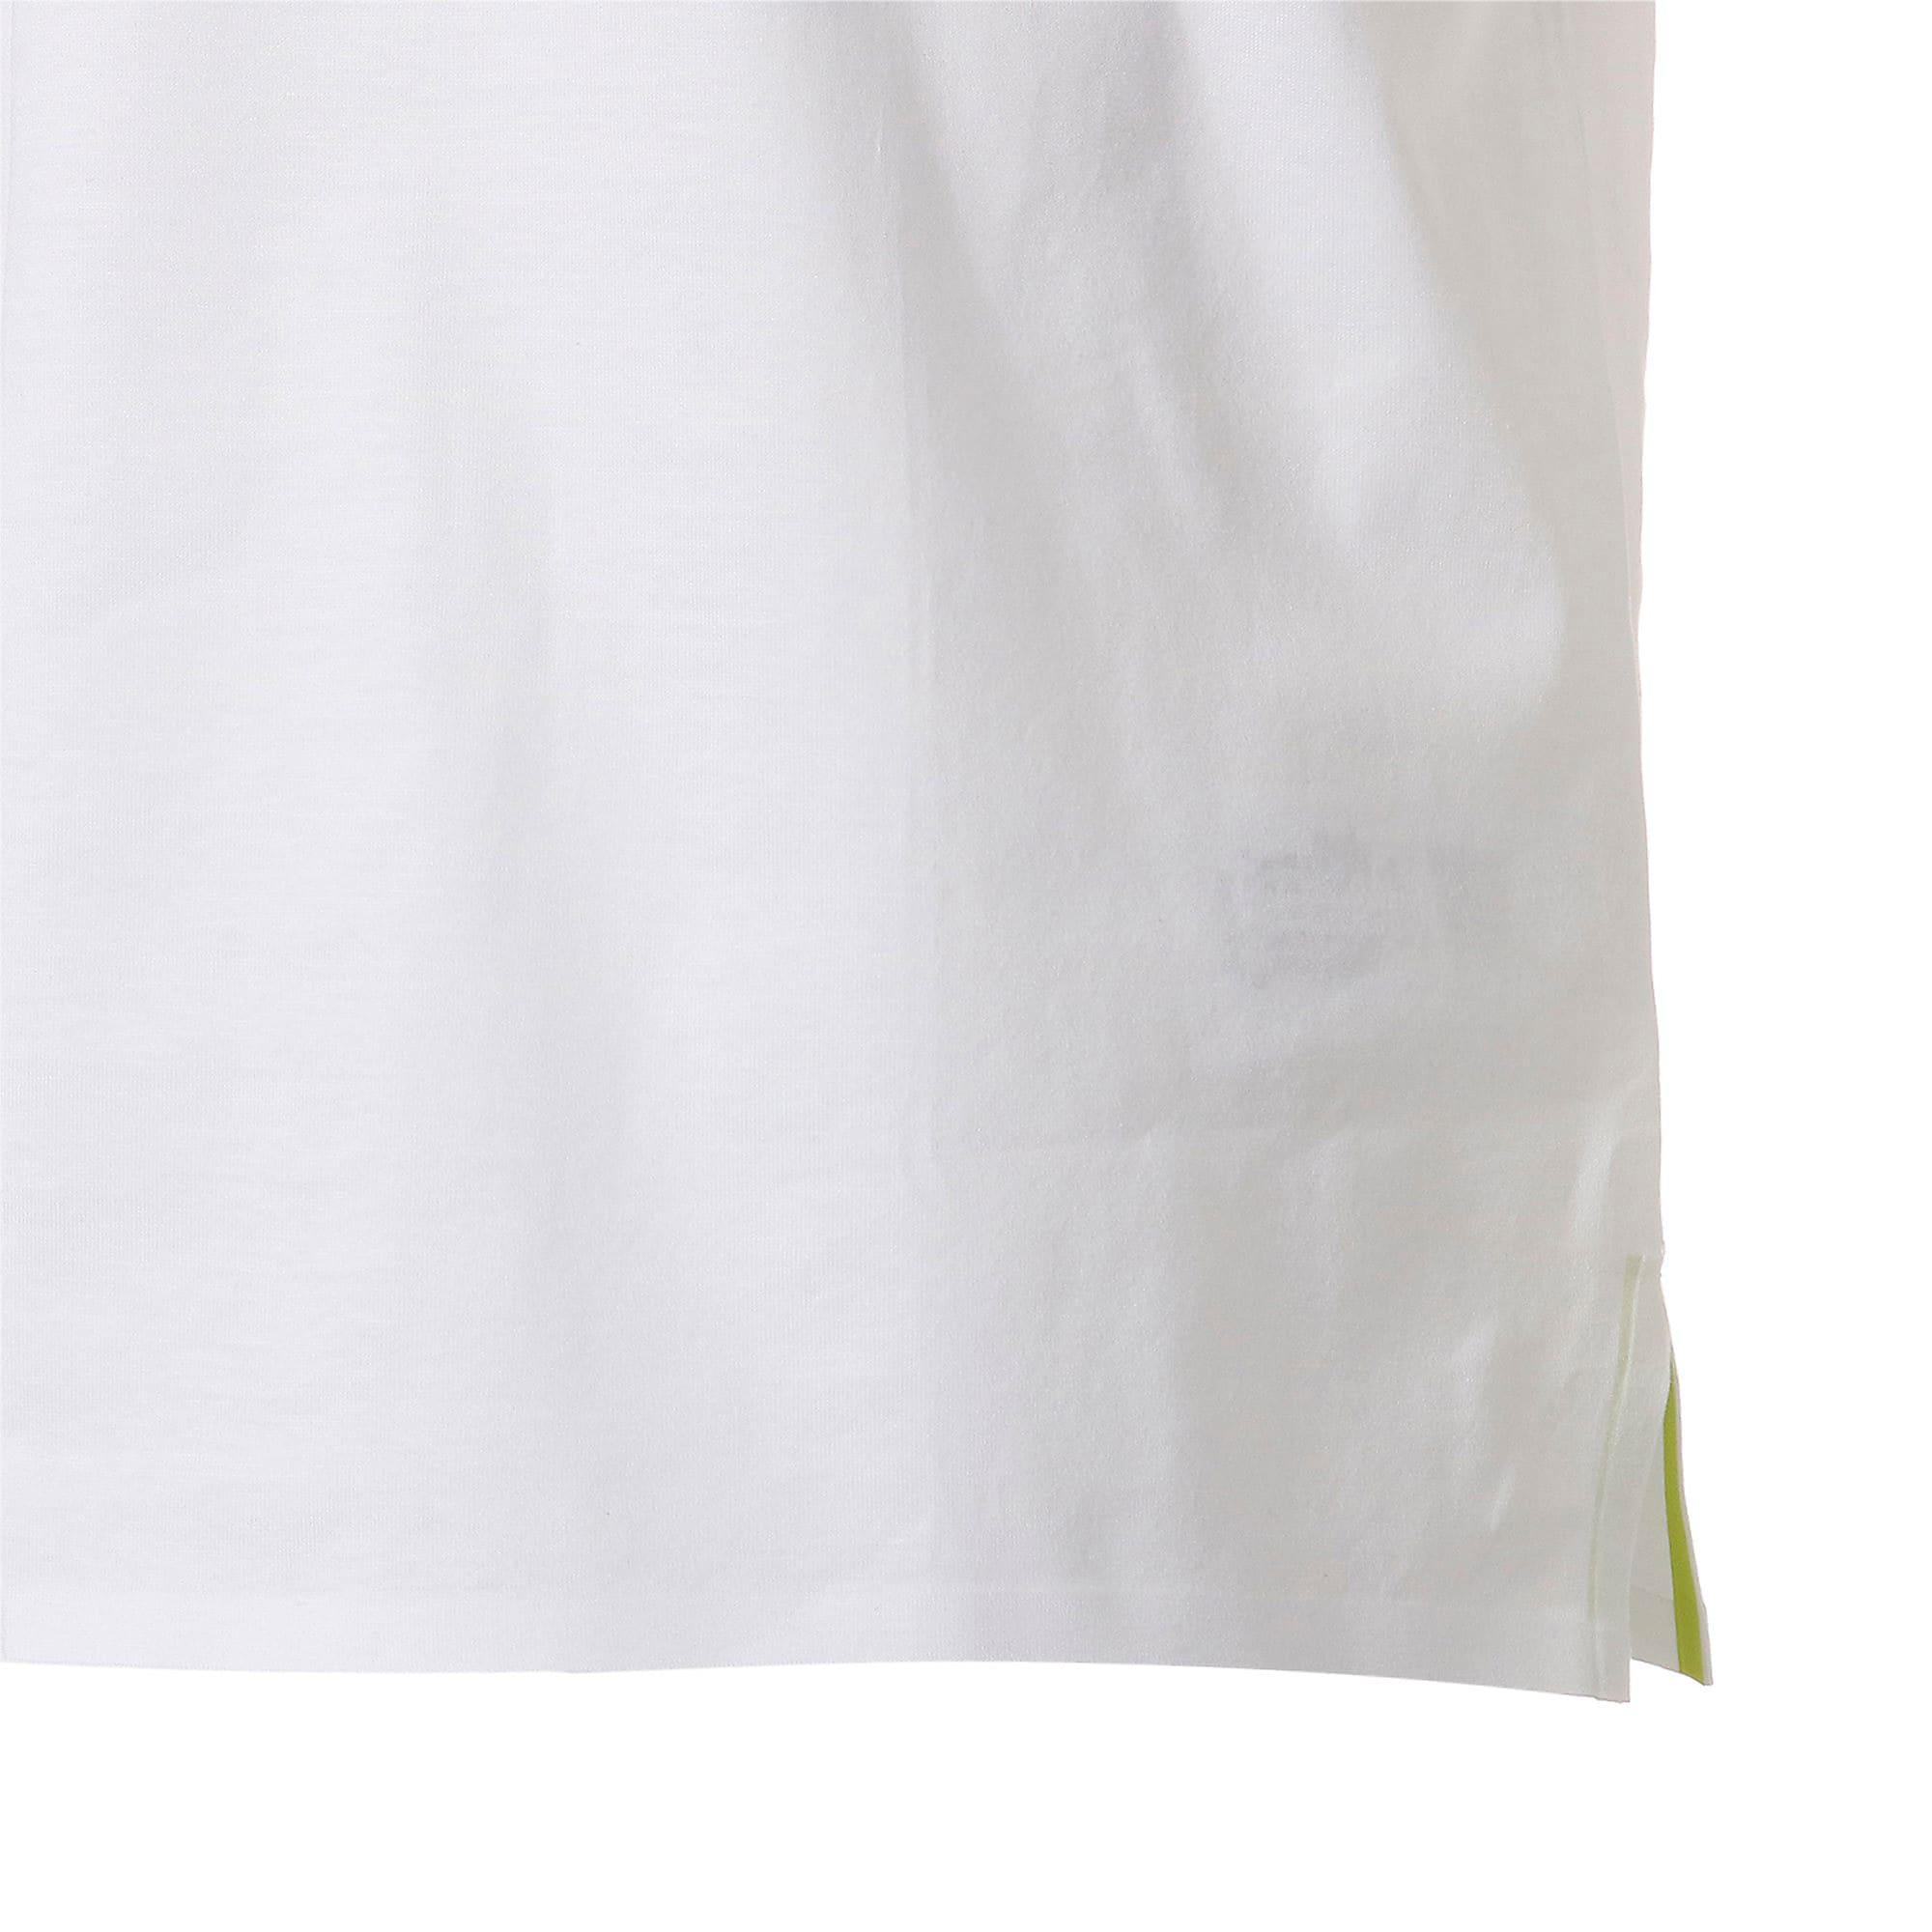 Thumbnail 9 of M ポルシェデザイン PD グラフィック Tシャツ, Puma White, medium-JPN